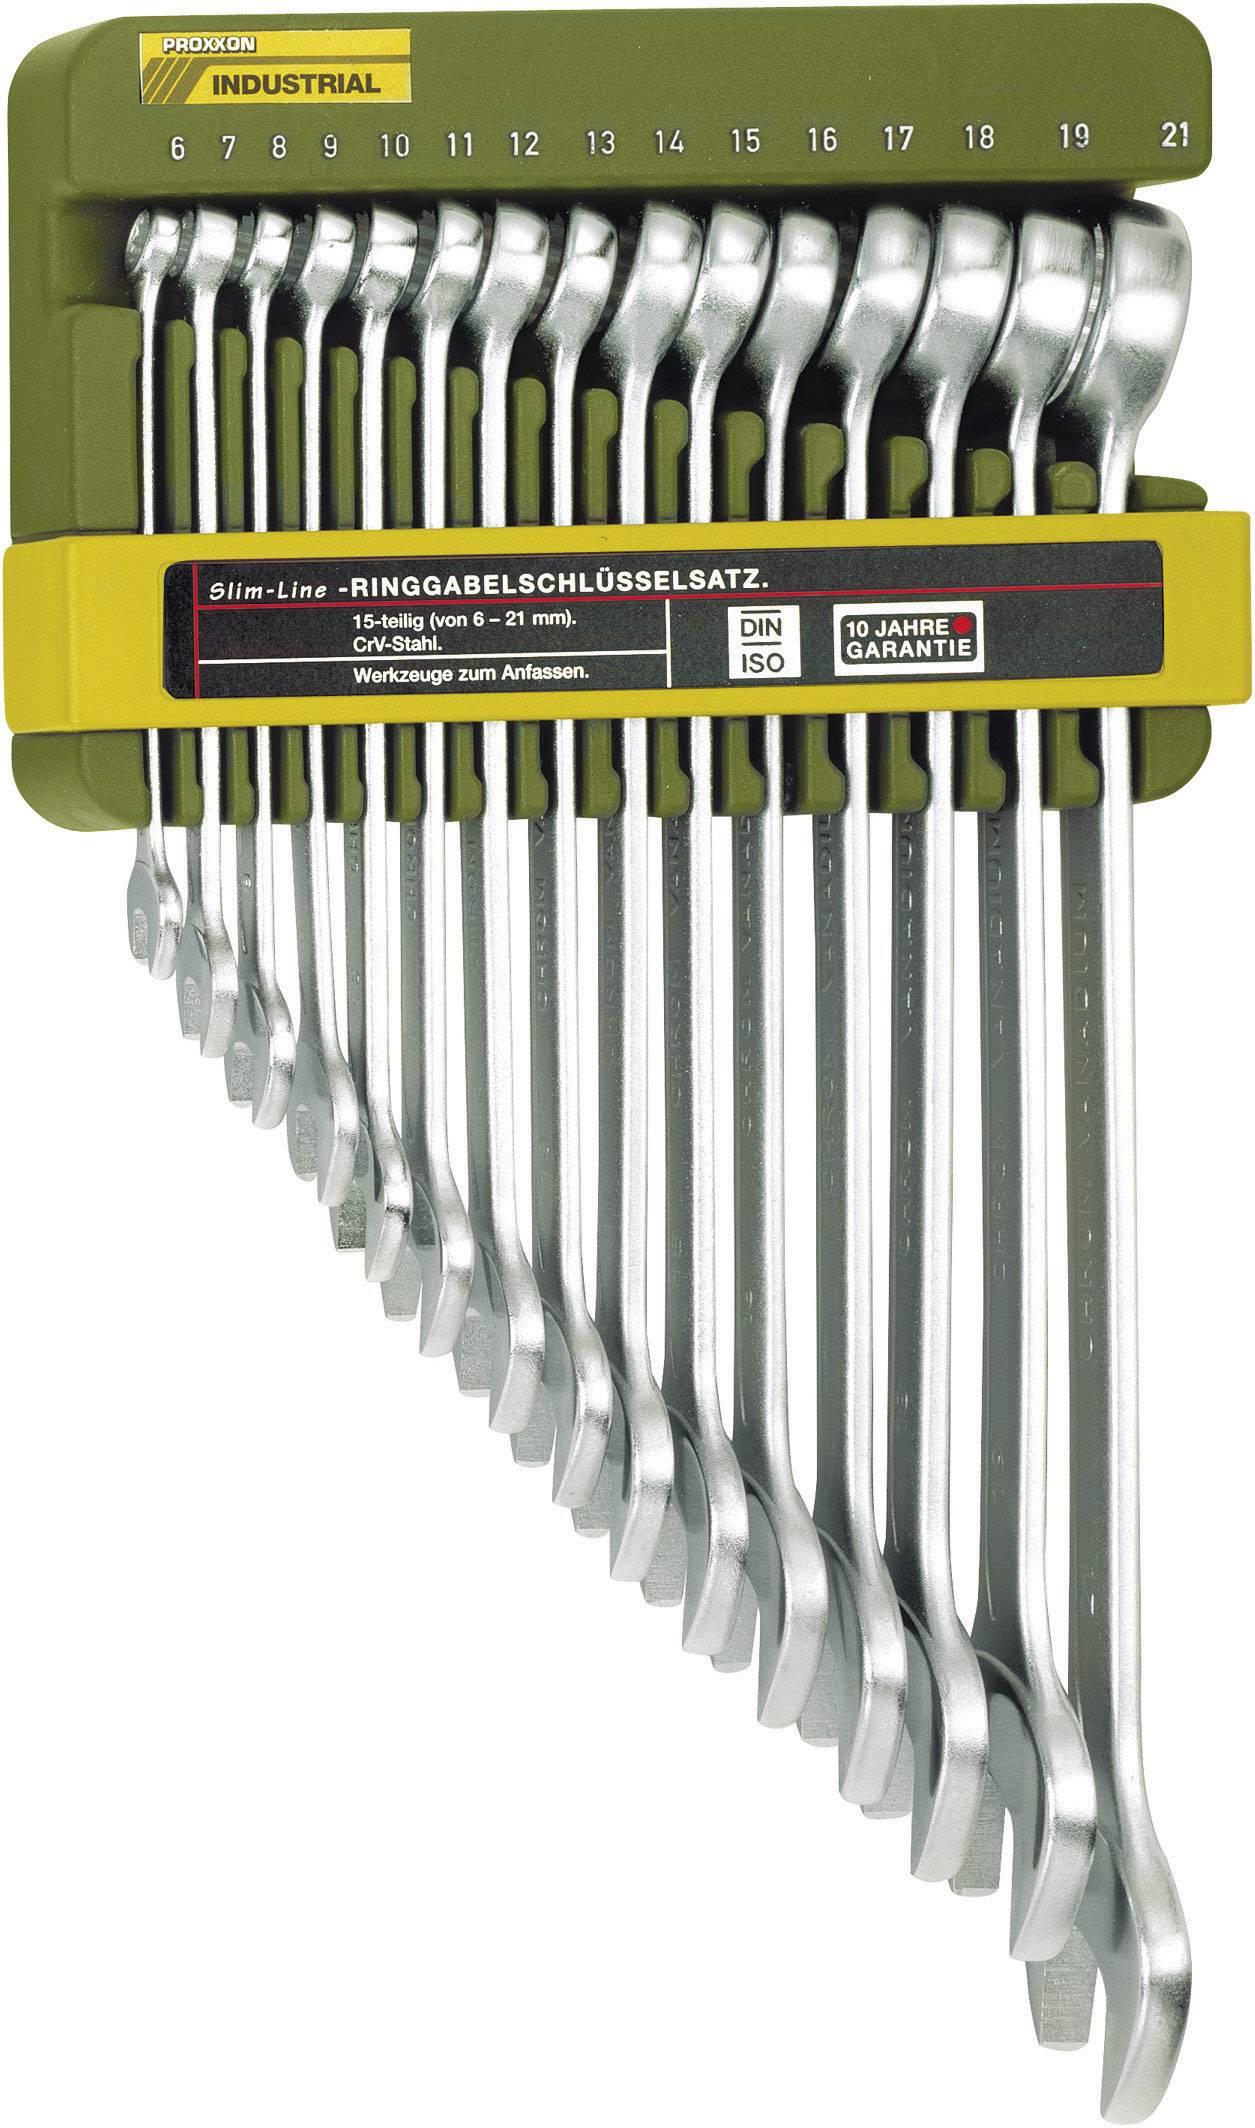 Sada očkoplochých klíčů Proxxon Industrial, 6 - 21 mm, 15 ks